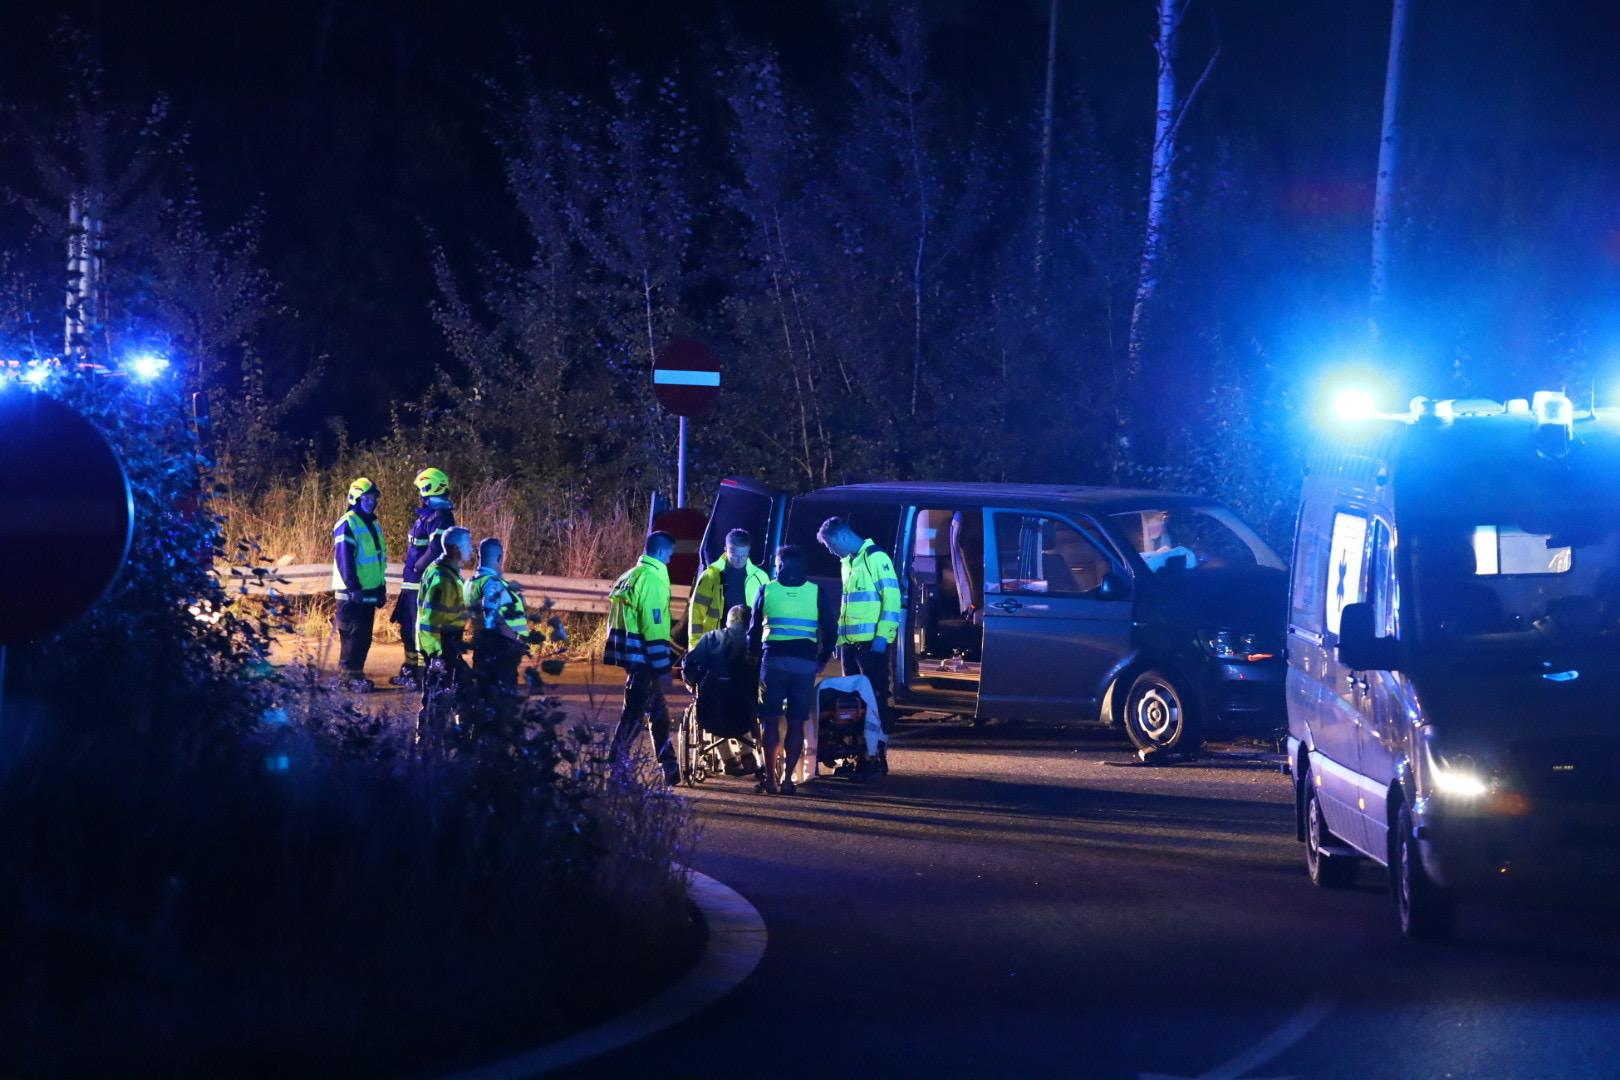 Voldsomt færdselsuheld på Helsingør motorvejen